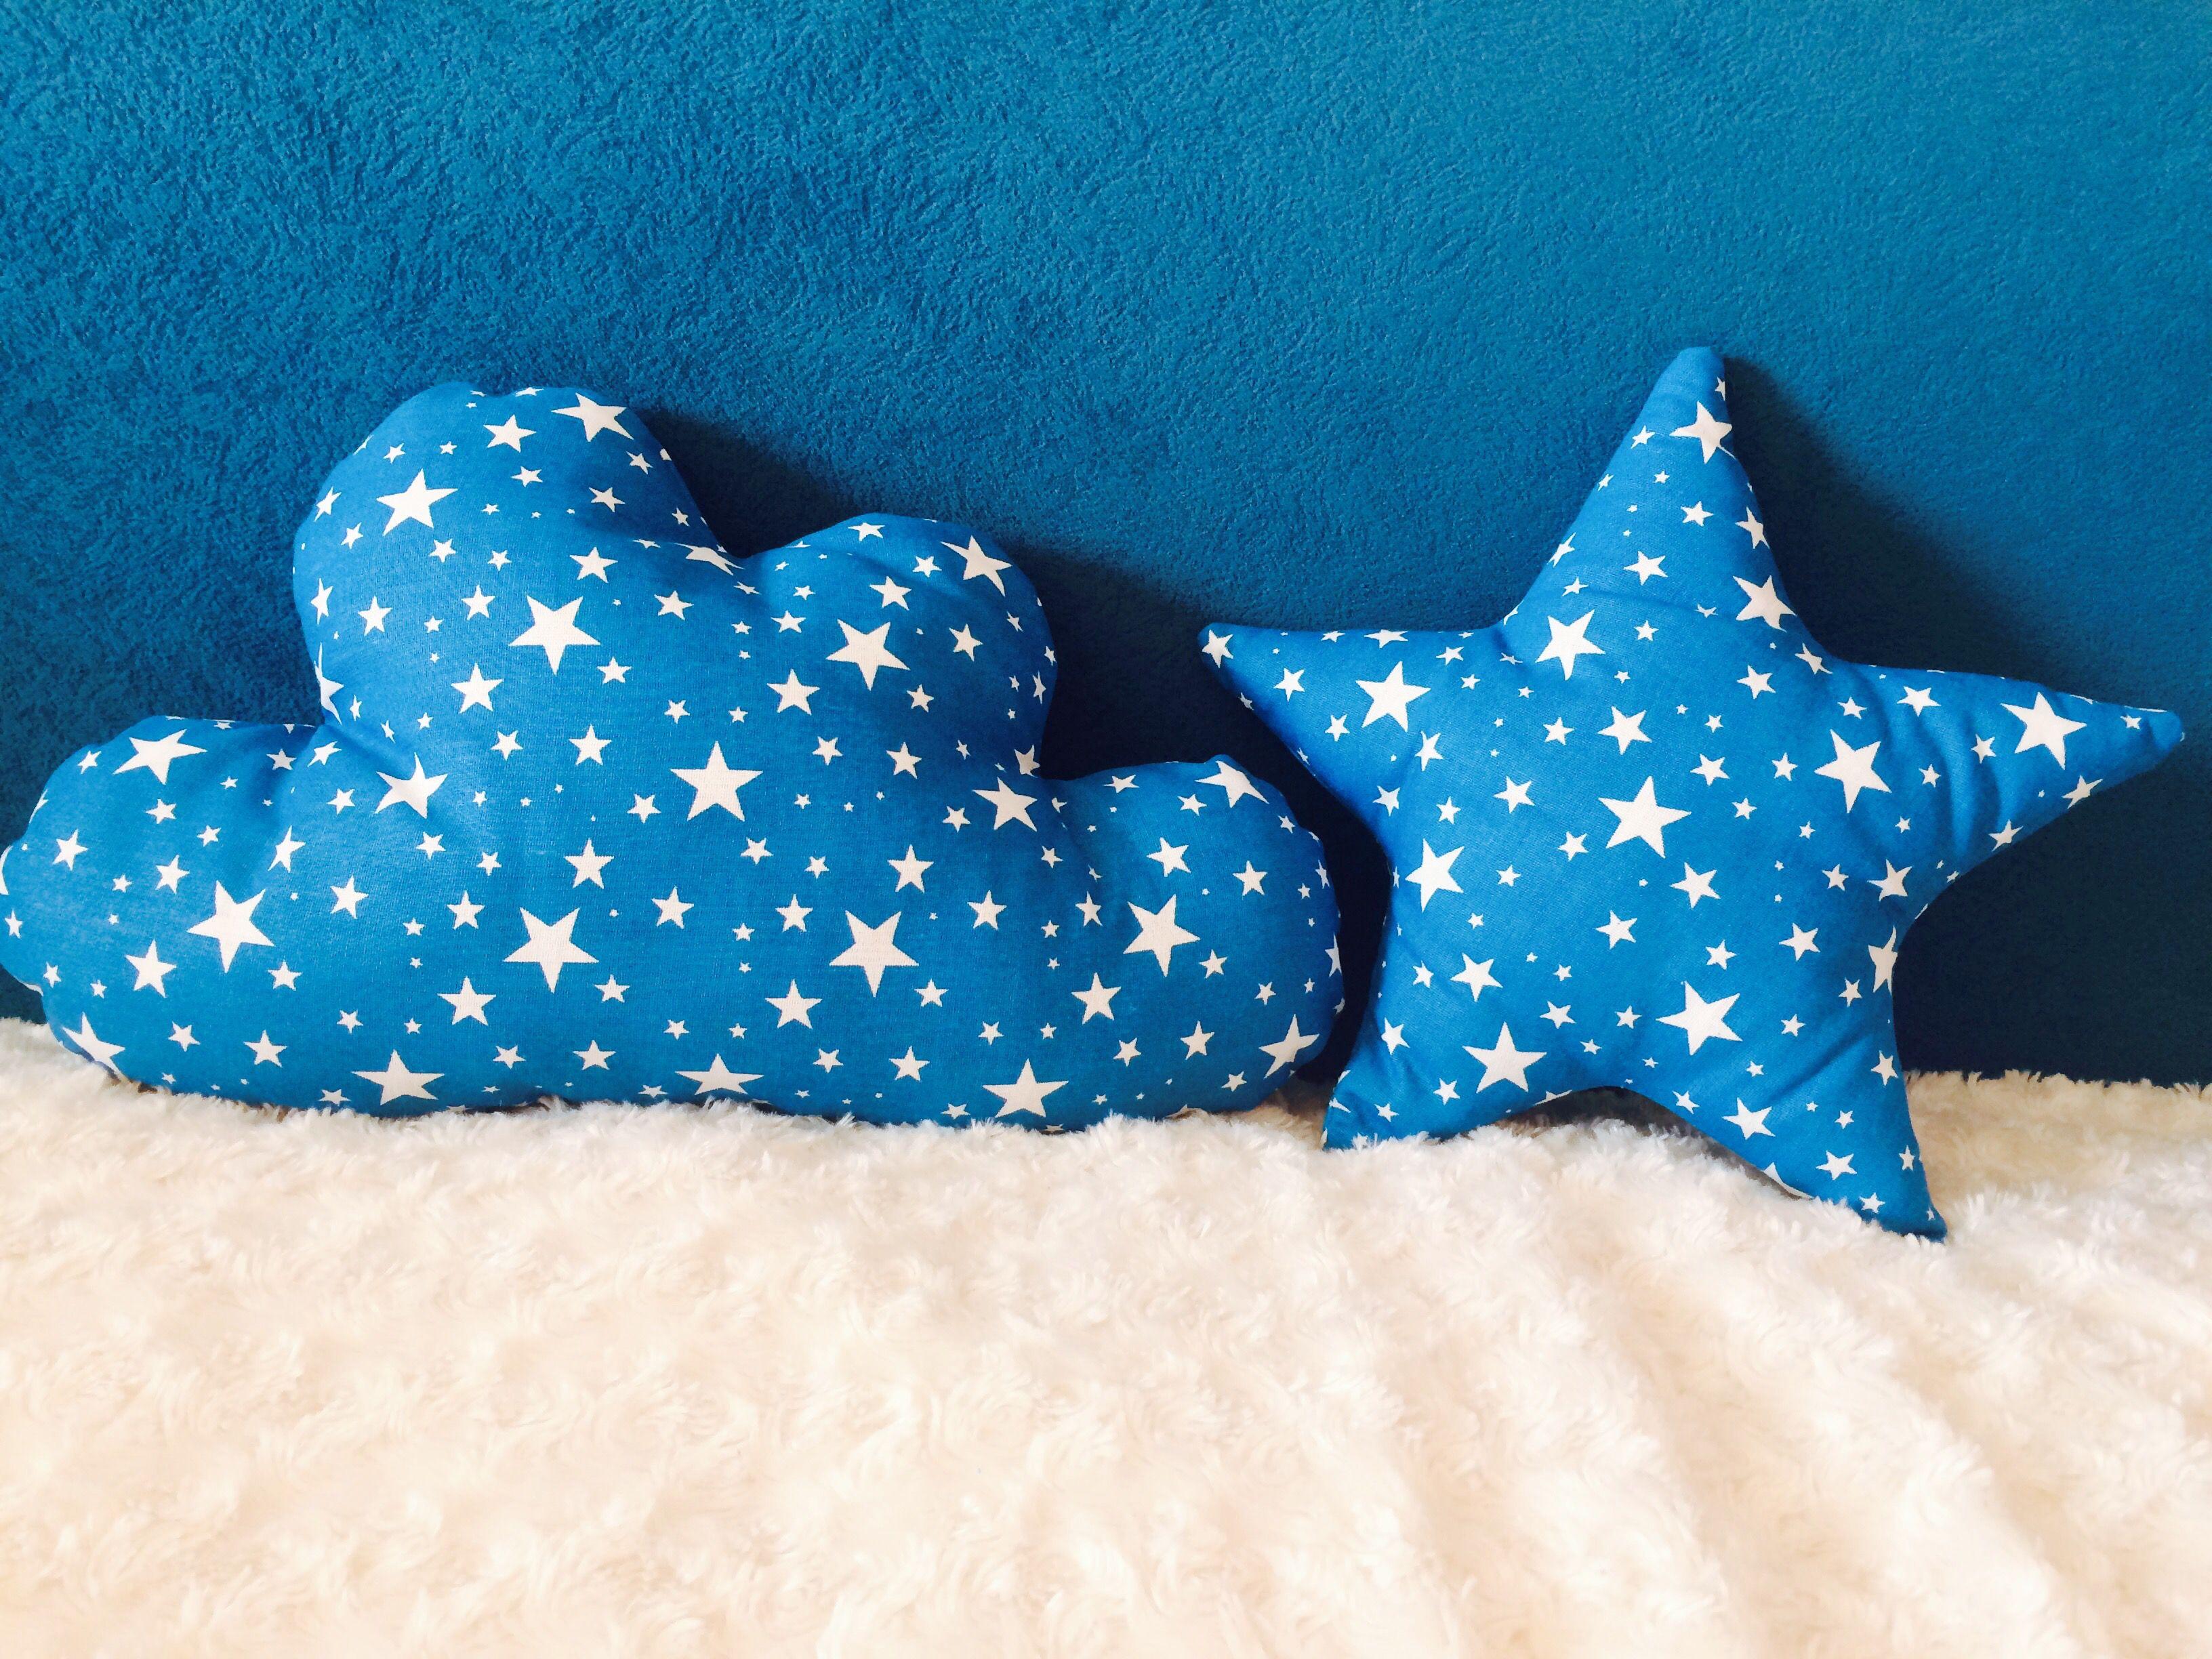 подушка подушказвезда декор подушкаоблако облако бортики звезда детям декордетской подушкаигрушка